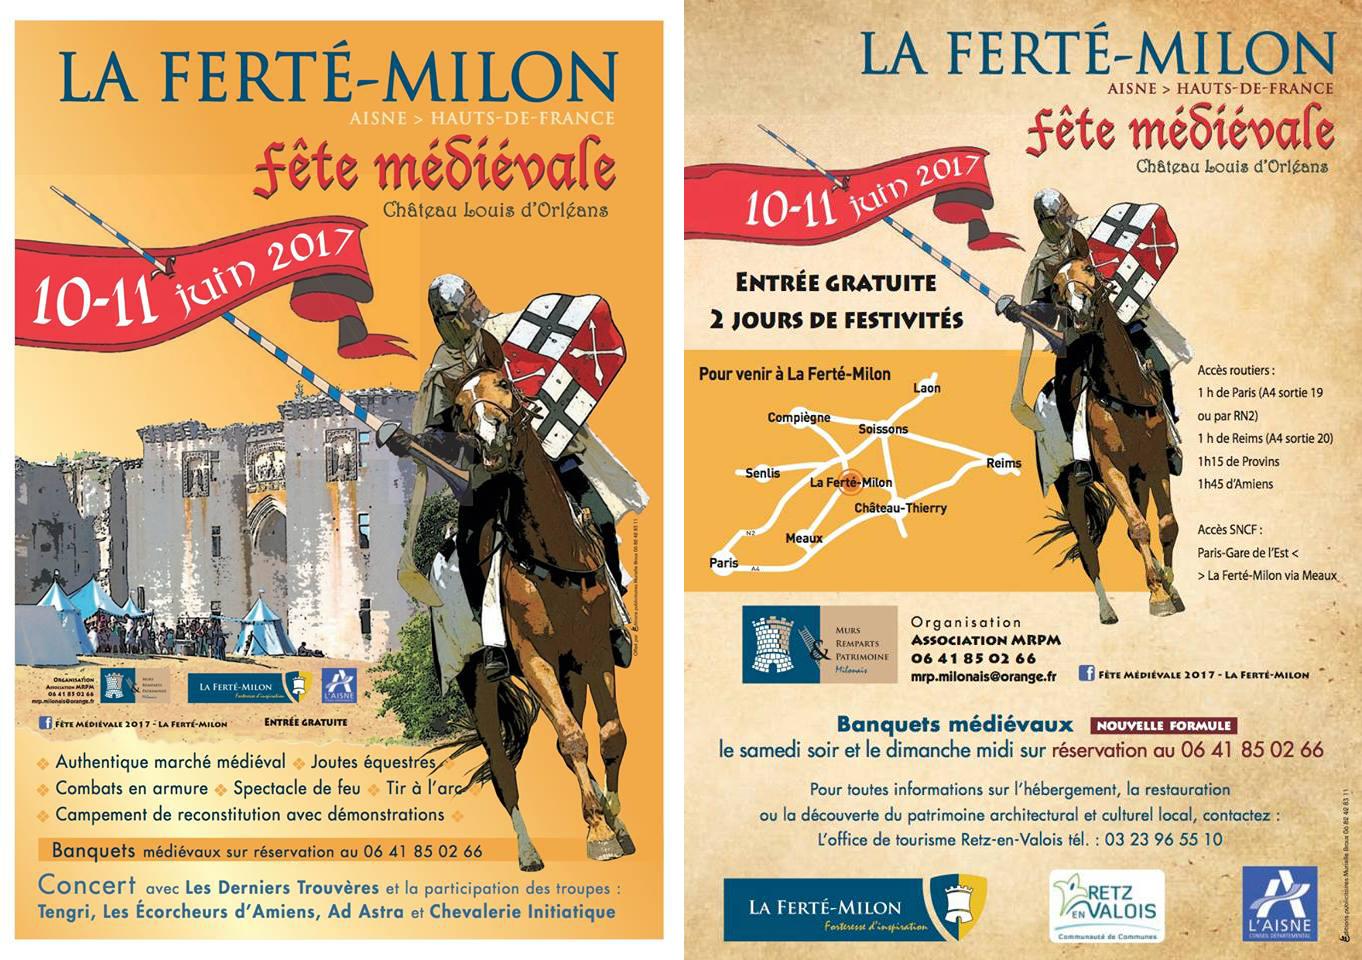 Fête Médiévale de La Ferté-Milon